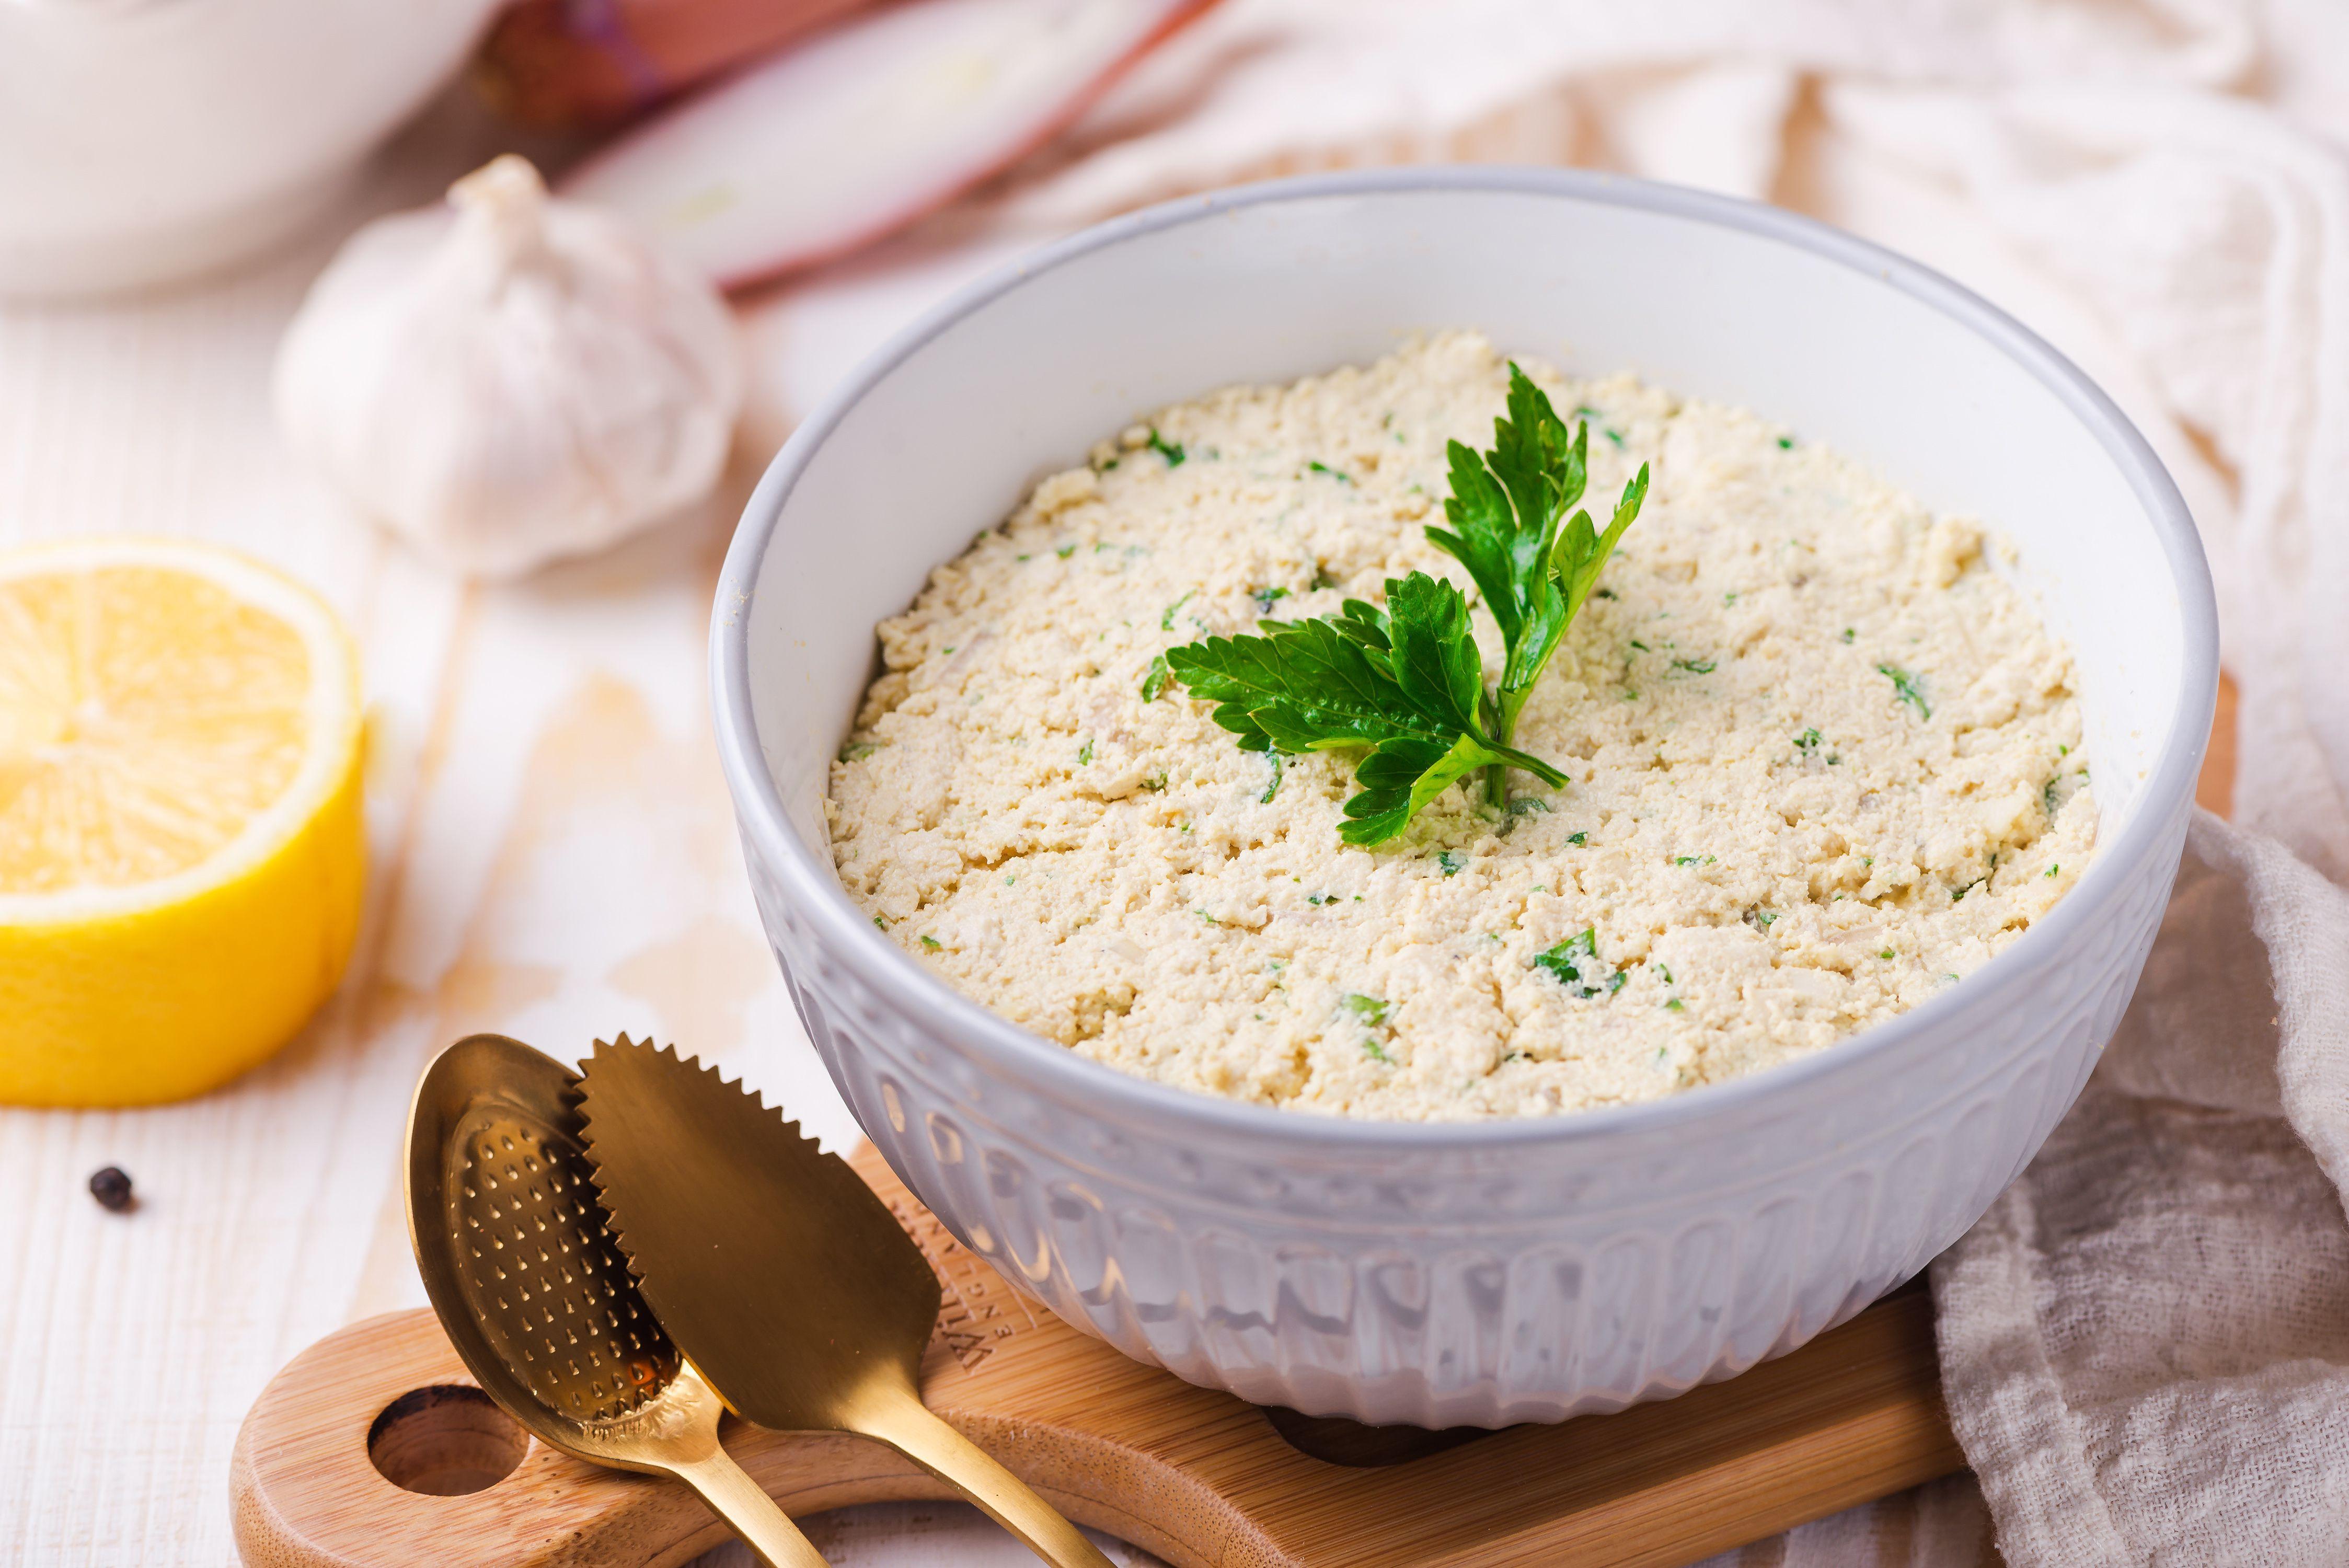 Vegan ricotta cheese substitute